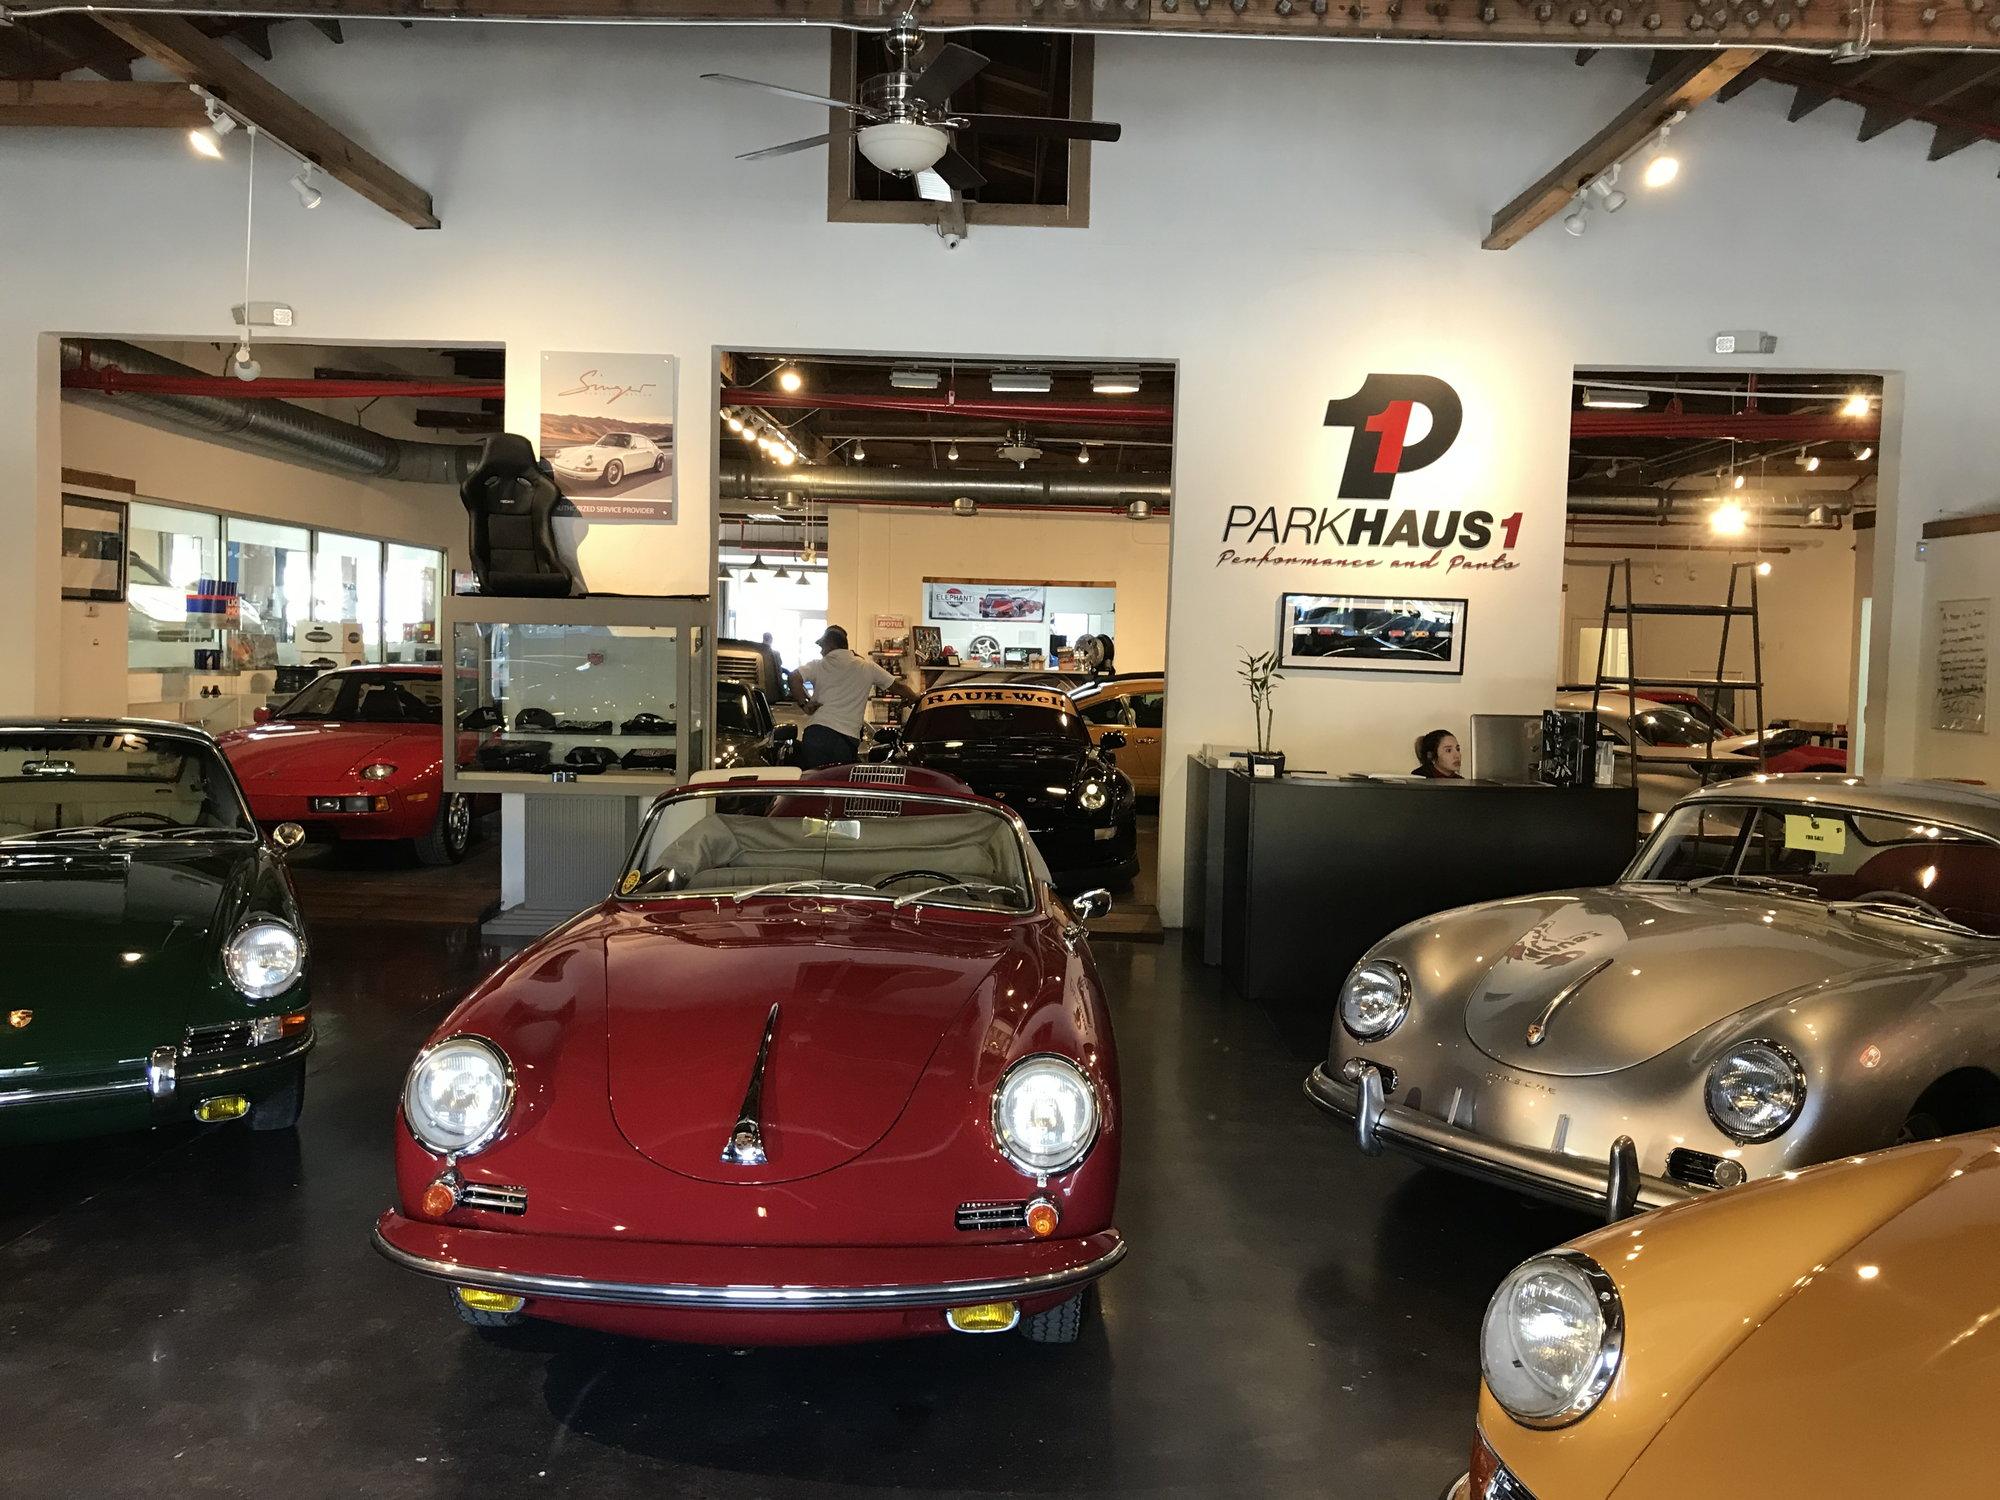 ParkHaus 1 in Miami - Rennlist - Porsche Discussion Forums